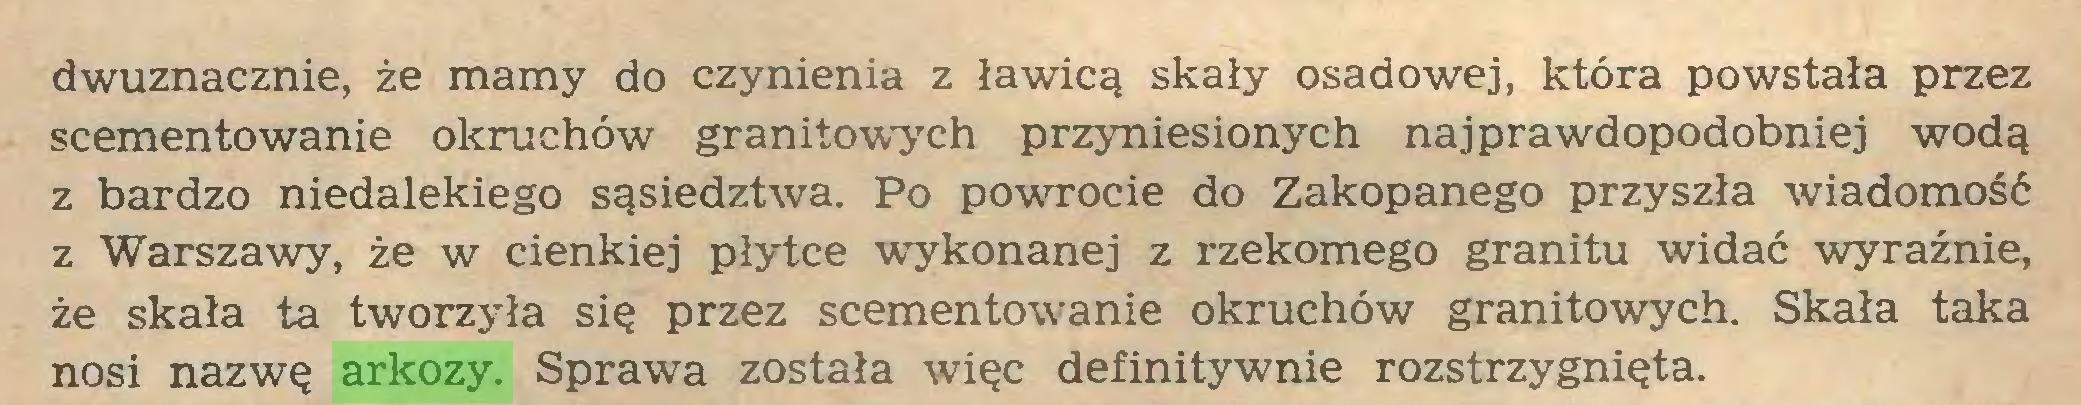 (...) dwuznacznie, że mamy do czynienia z ławicą skały osadowej, która powstała przez scementowanie okruchów granitowych przyniesionych najprawdopodobniej wodą z bardzo niedalekiego sąsiedztwa. Po powTOcie do Zakopanego przyszła wiadomość z Warszawy, że w cienkiej płytce wykonanej z rzekomego granitu widać wyraźnie, że skała ta tworzyła się przez scementowanie okruchów granitowych. Skała taka nosi nazwę arkozy. Sprawa została więc definitywnie rozstrzygnięta...